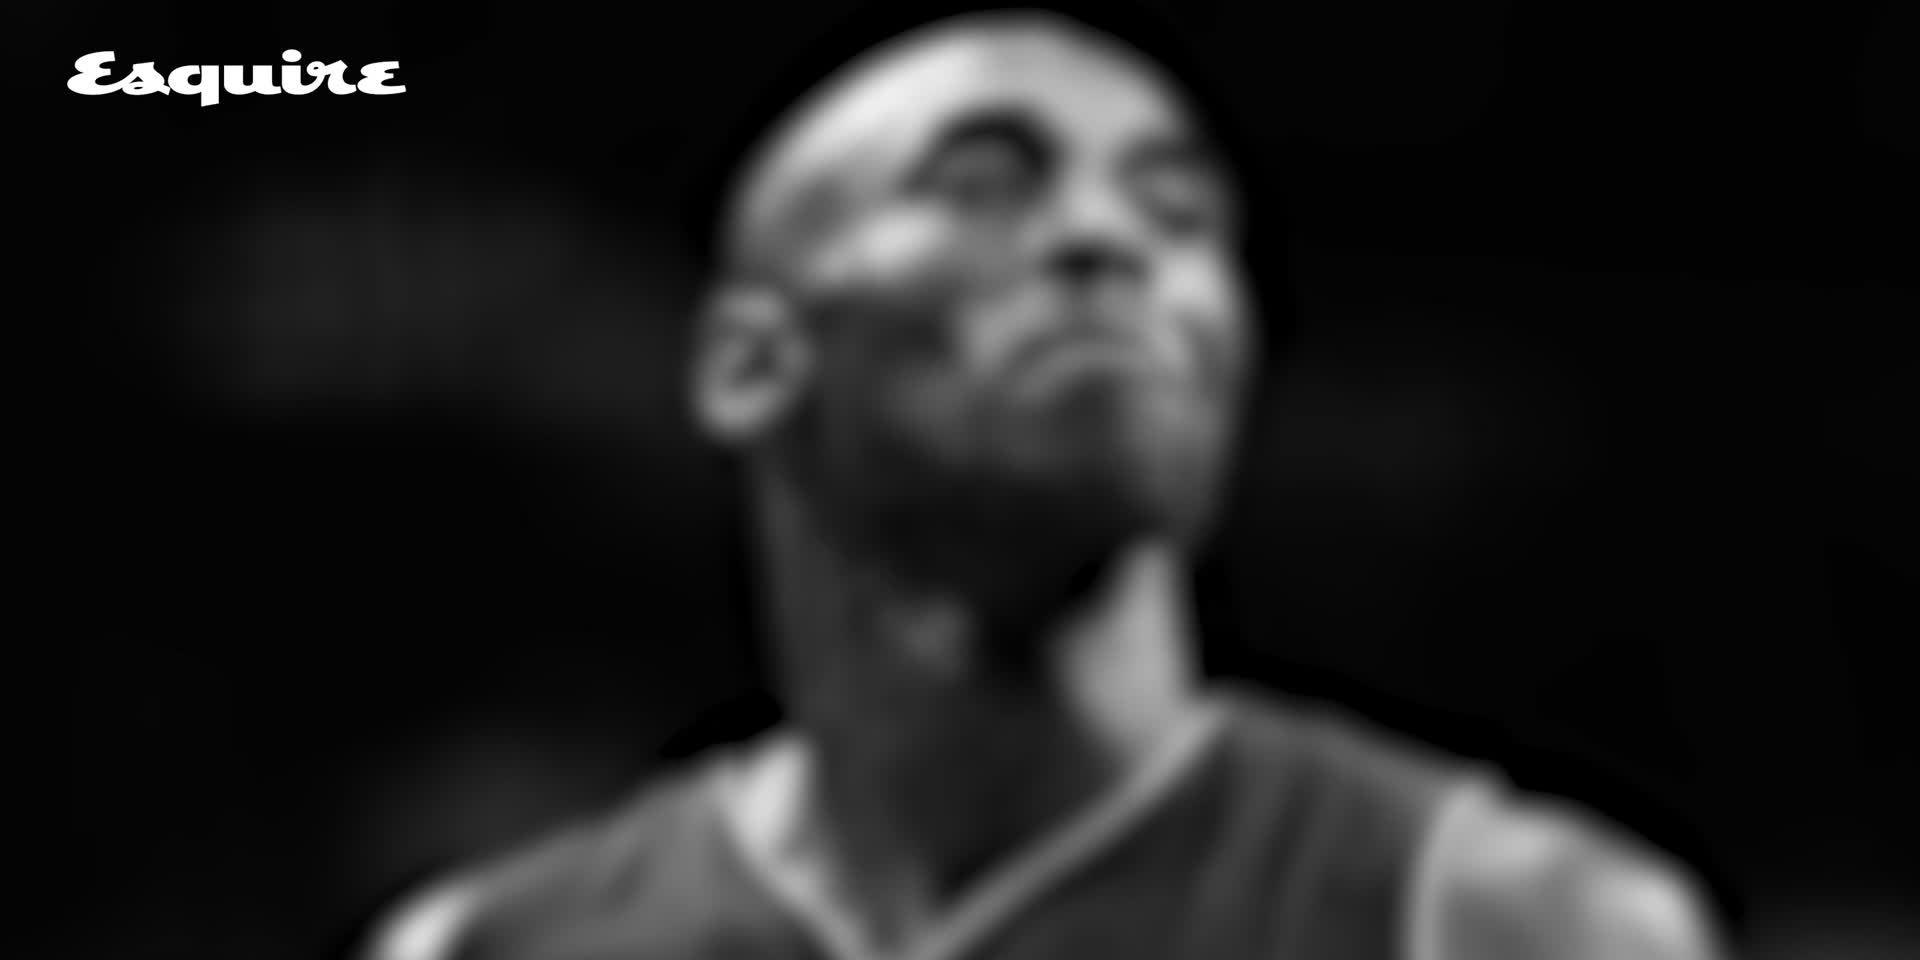 La viuda de Kobe Bryant recibirá una herencia de unos 200 millones de dólares